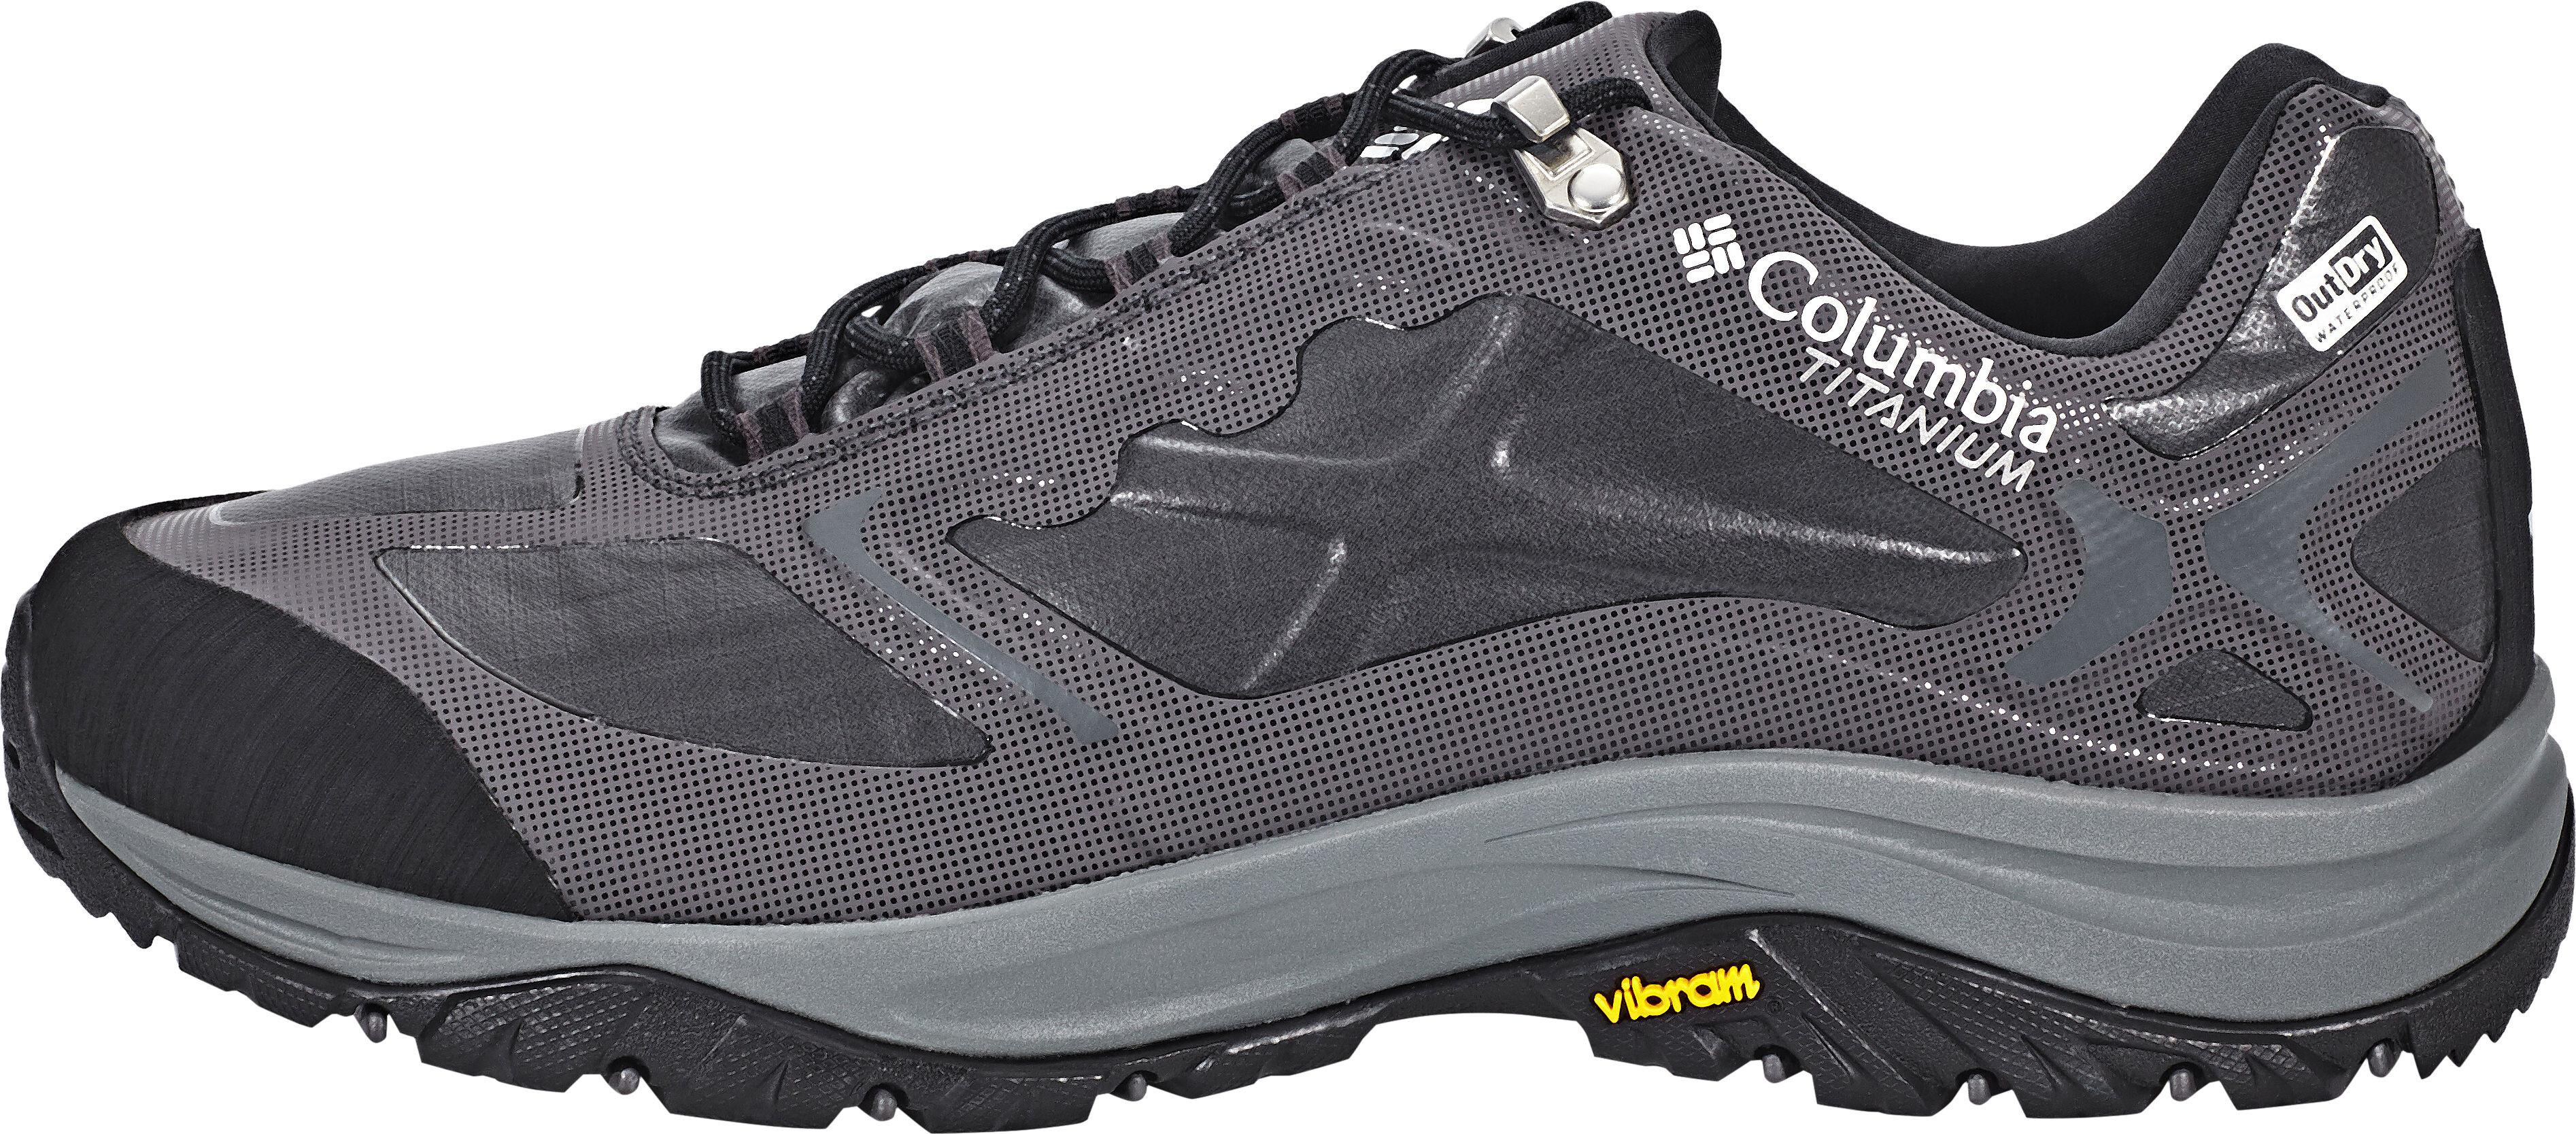 a7318c22172 Columbia Terrebonne Outdry Extreme - Chaussures Homme - noir sur CAMPZ !